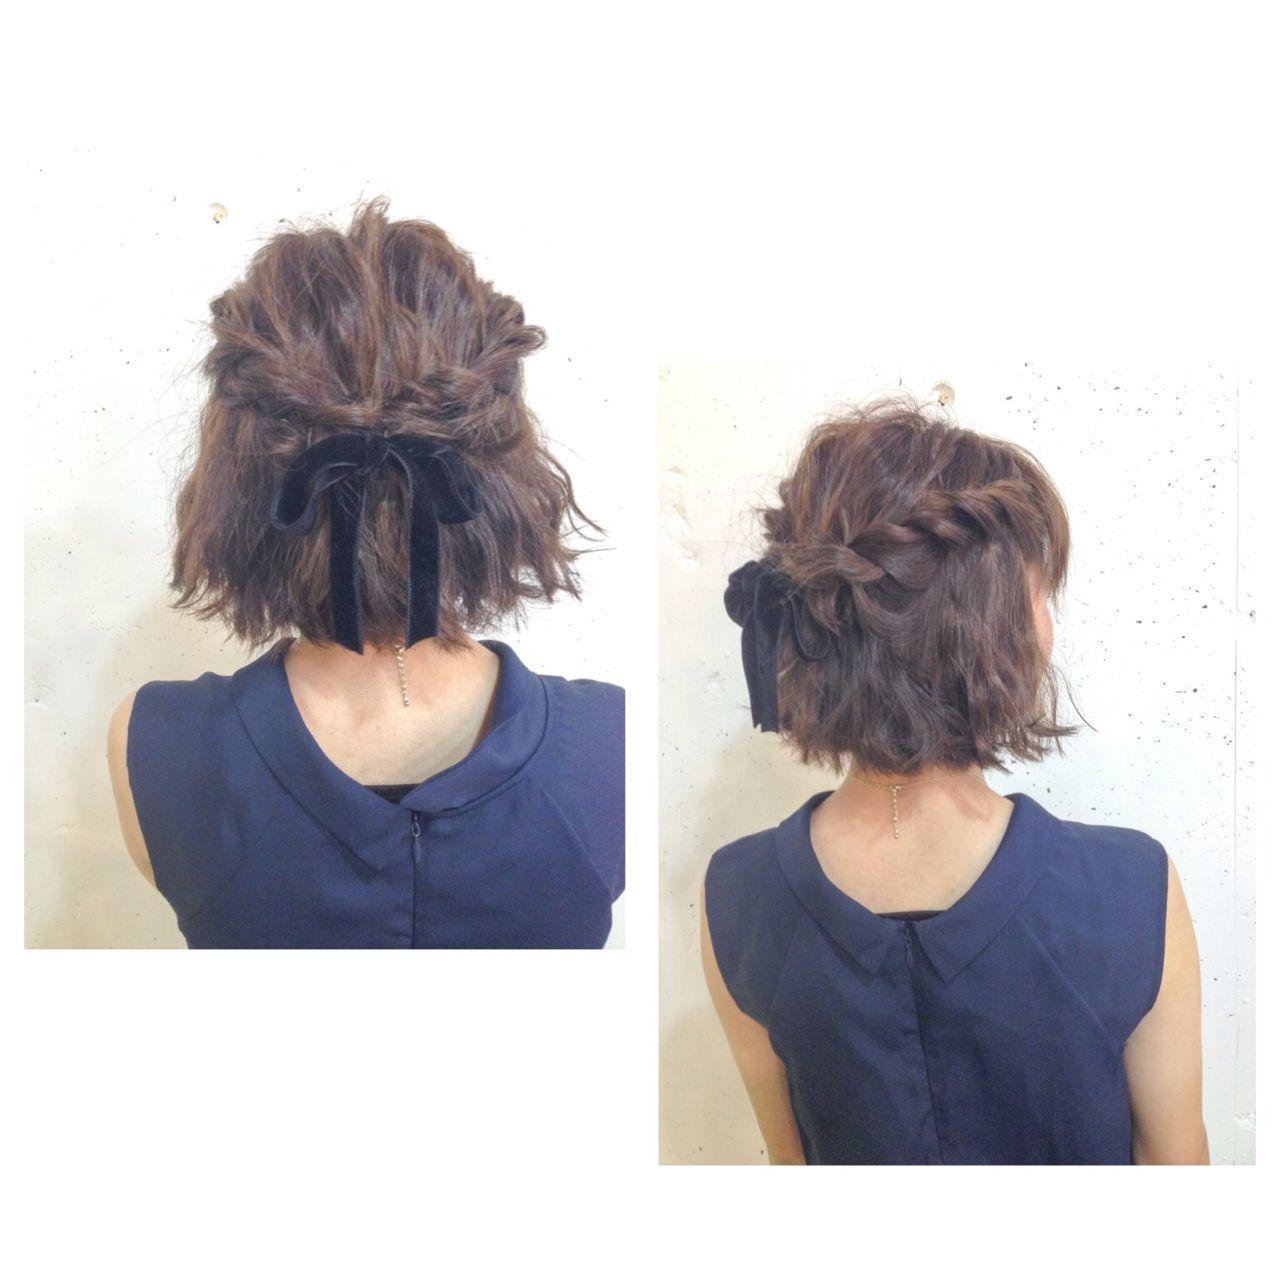 マンネリ化しがちな【まとめ髪】今日からできるアレンジ方法を紹介♡の14枚目の画像